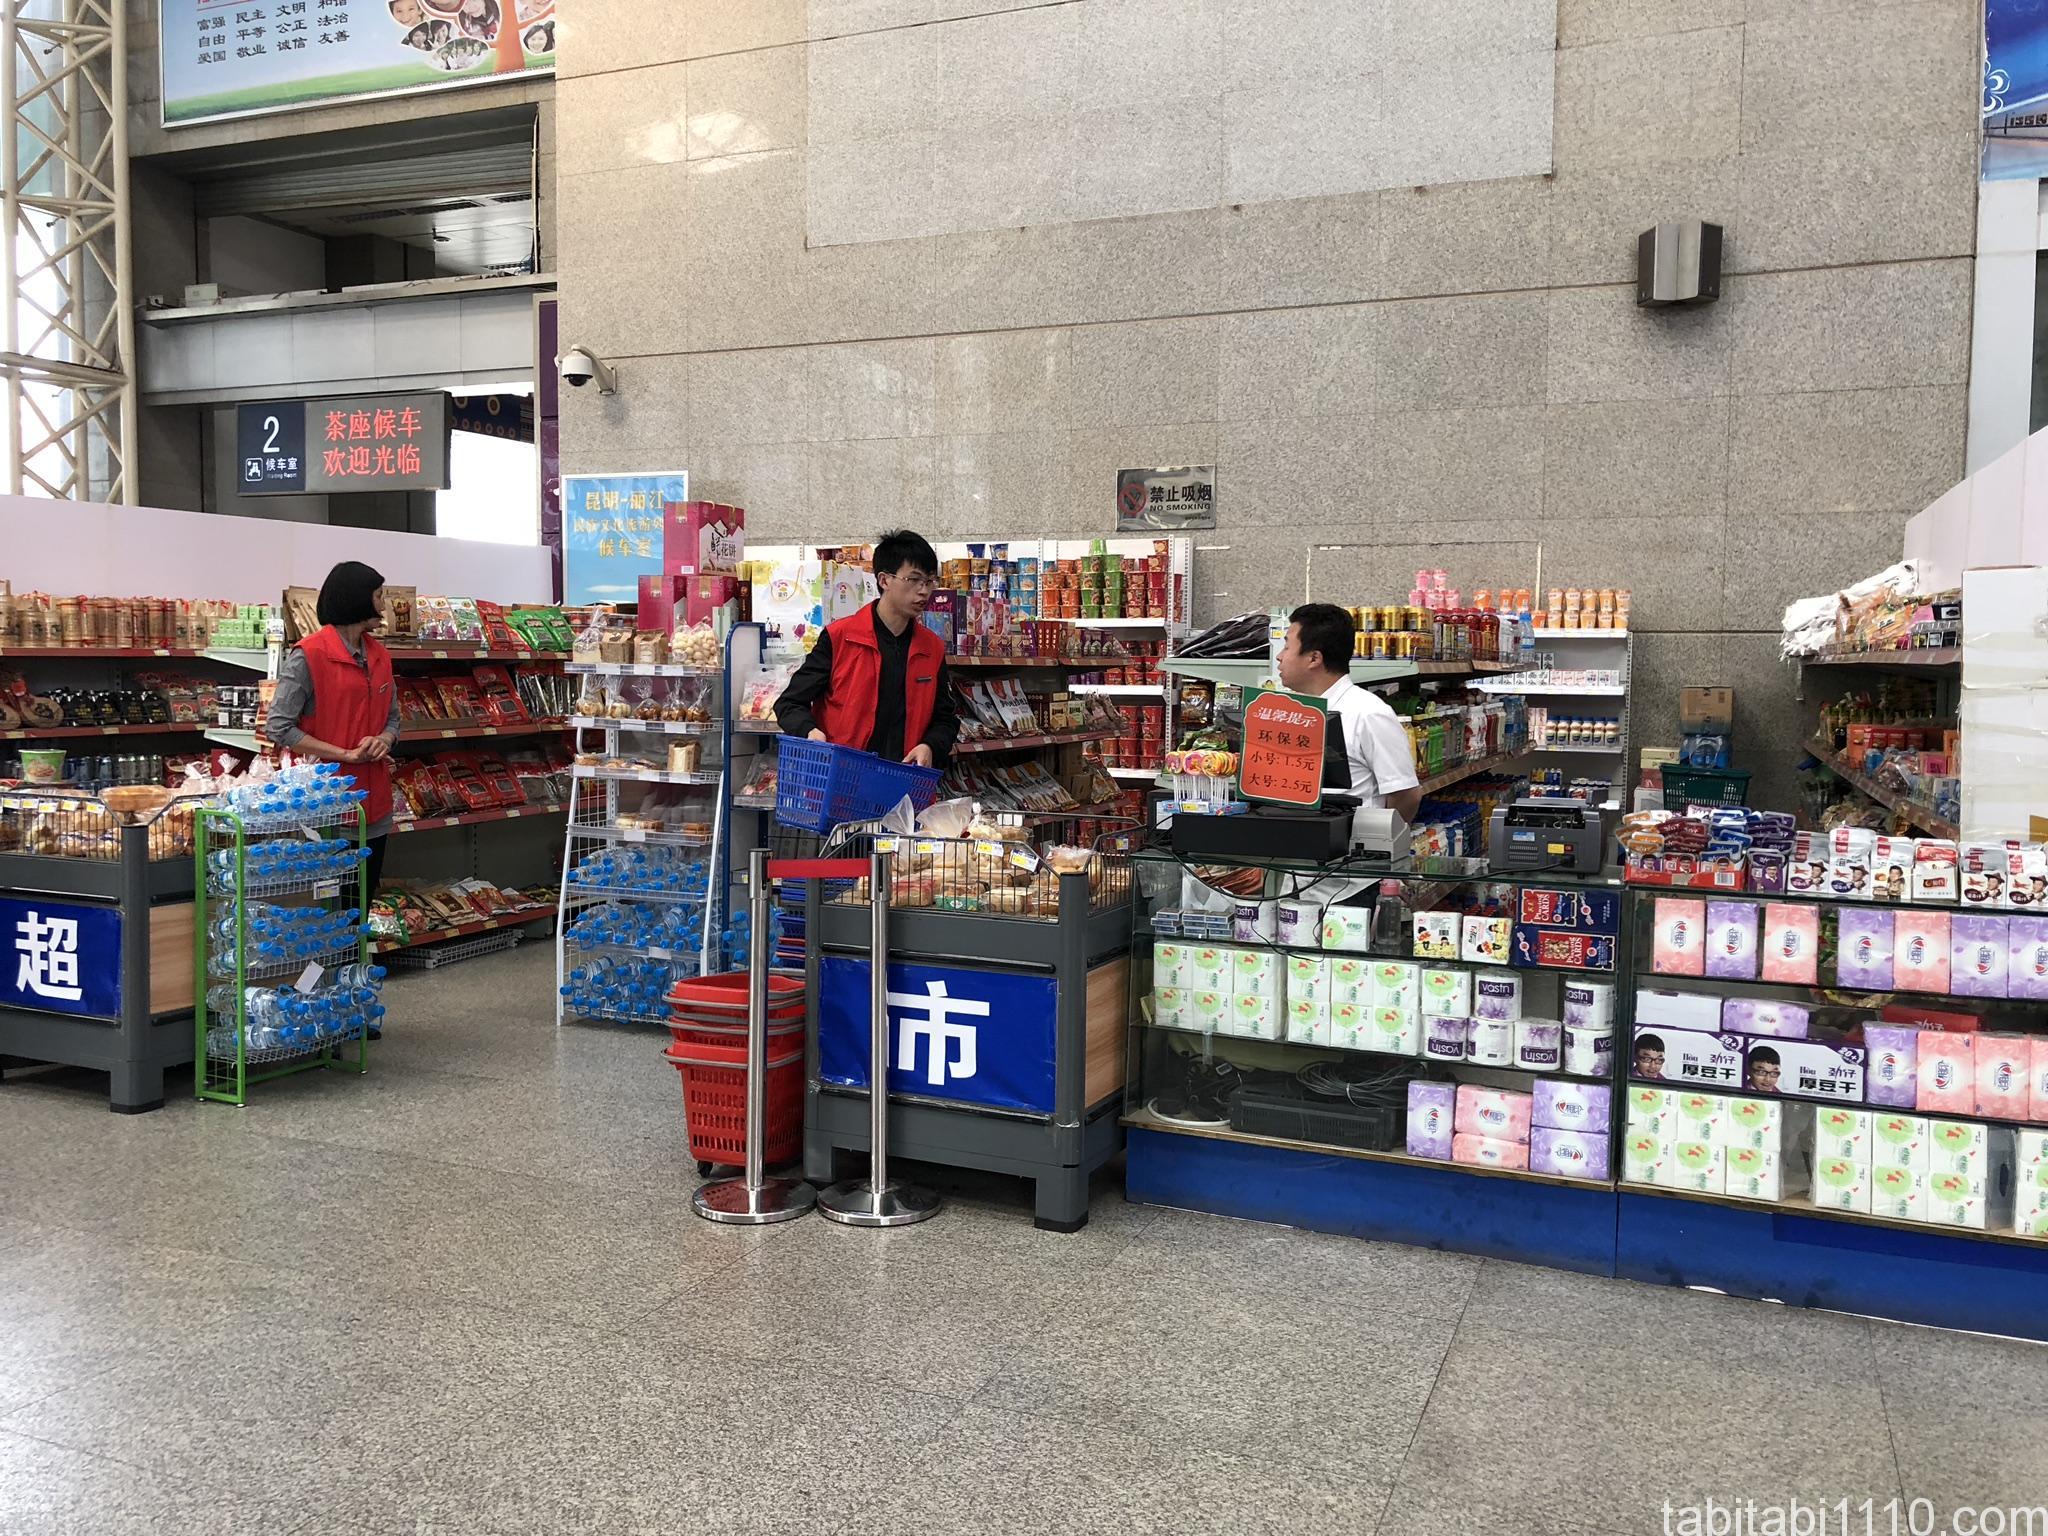 昆明駅内の売店